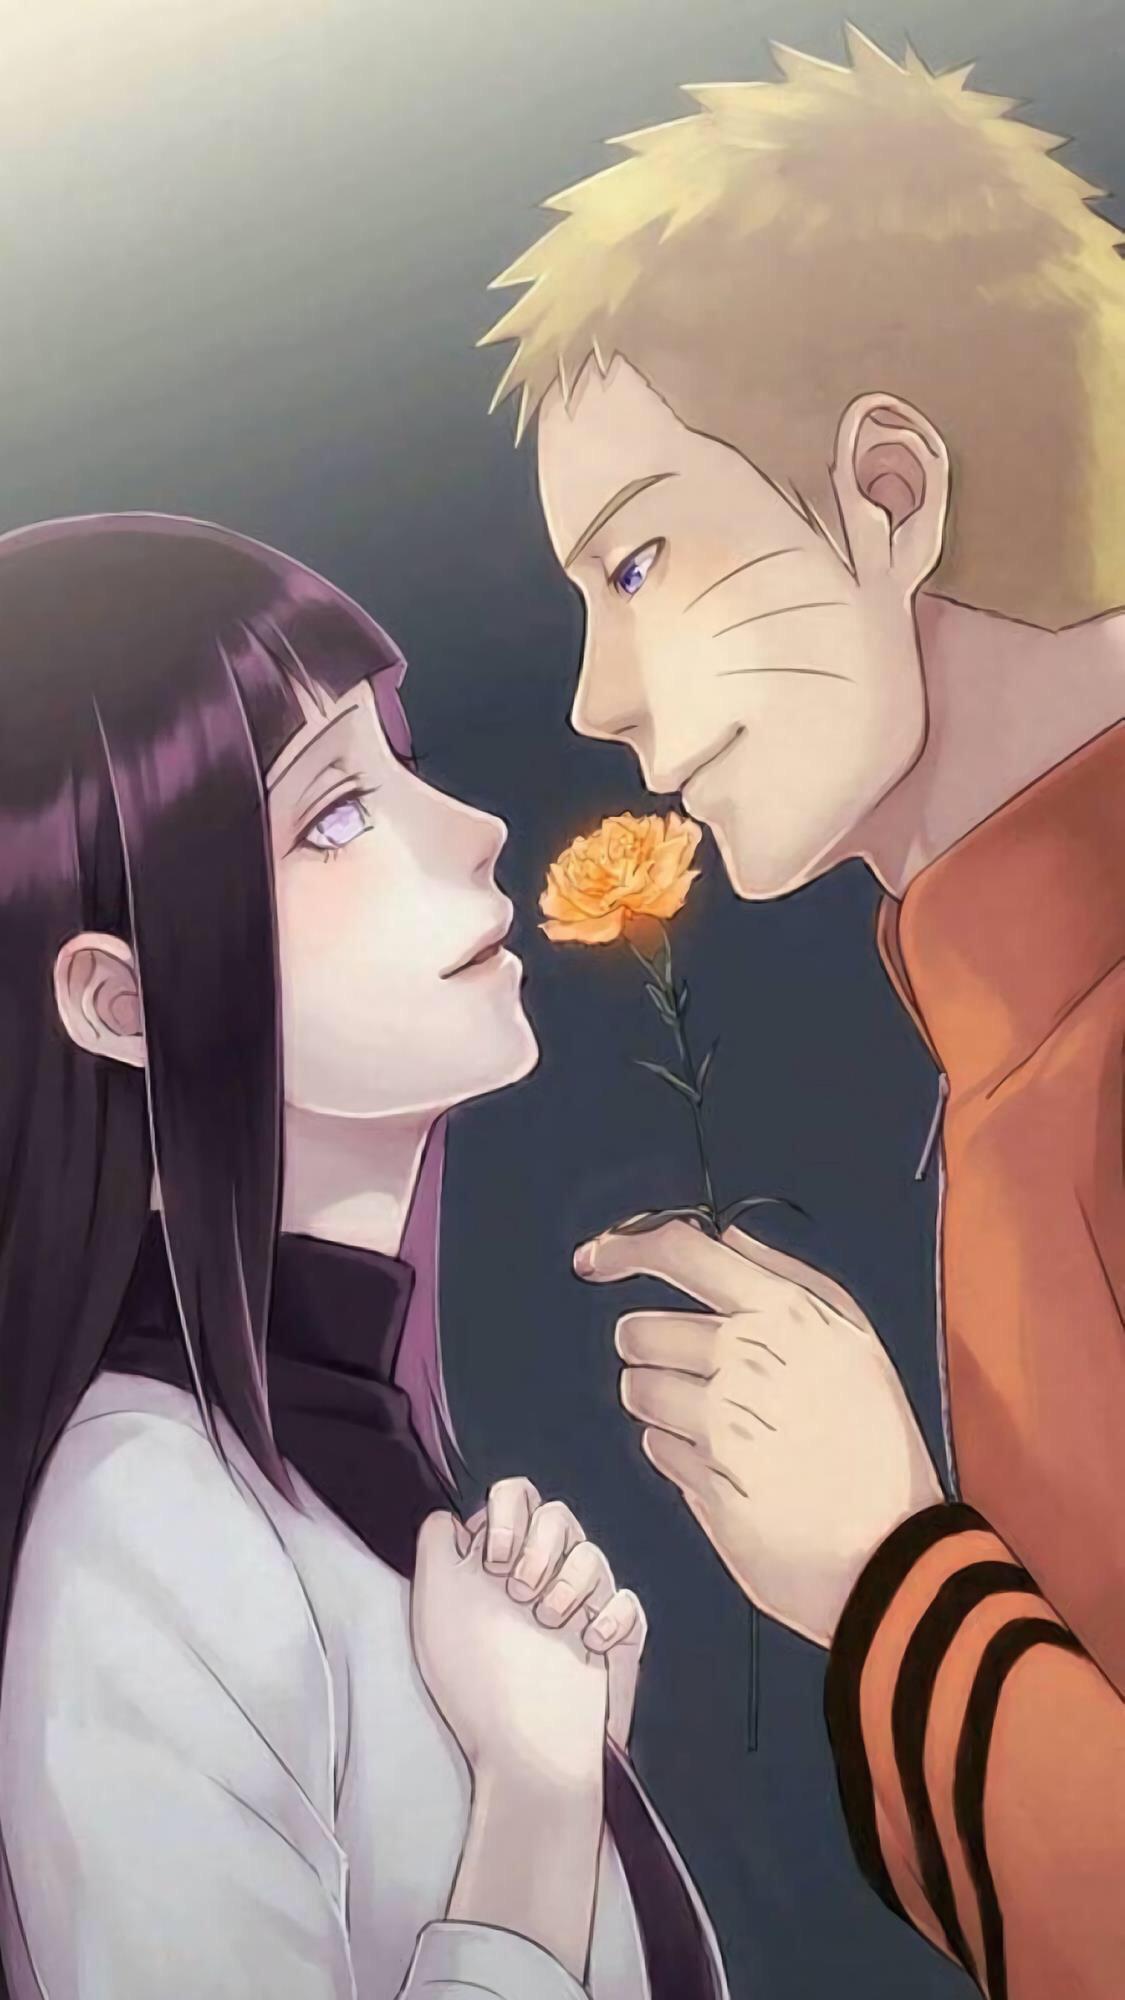 火影忍者壁纸:鸣人与雏田陪你过情人节